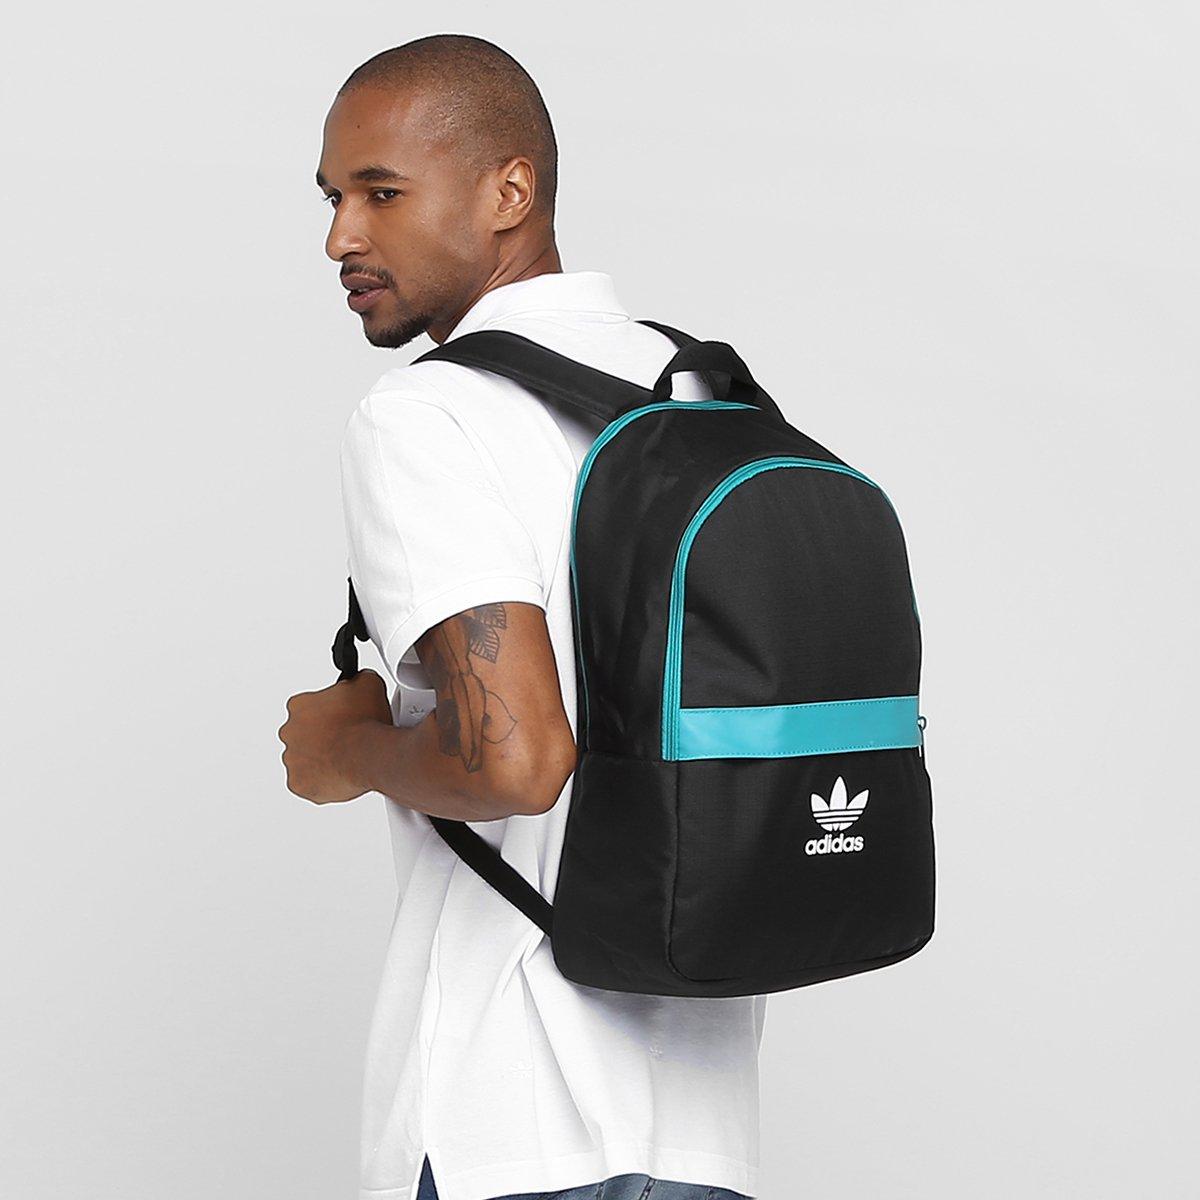 Mochila Adidas Originals Ess Adicolor - Compre Agora  48f2375c940f6